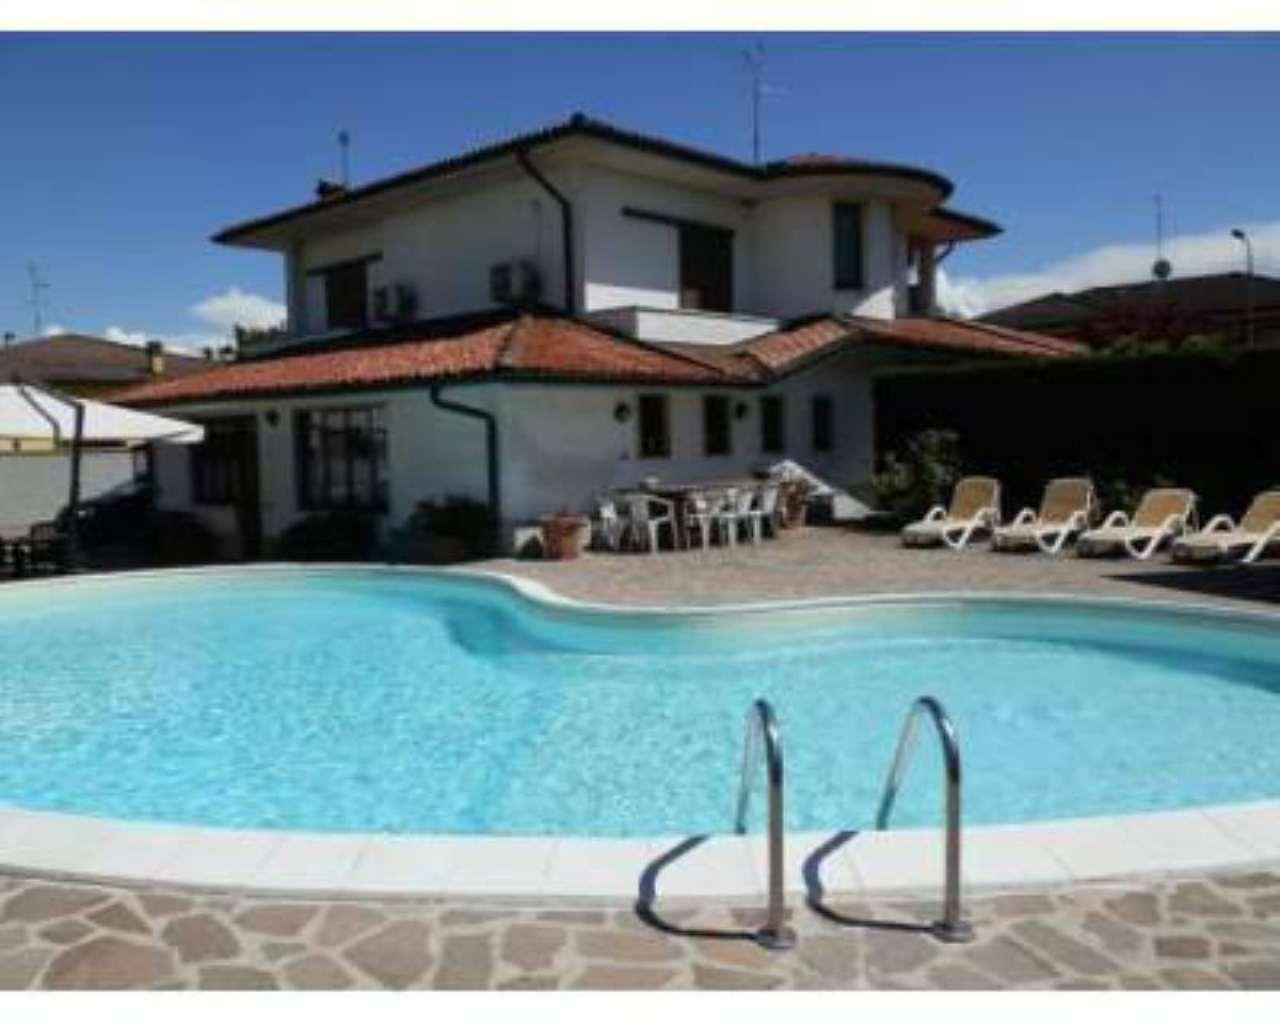 Villa in vendita a Lodi, 5 locali, prezzo € 390.000 | Cambio Casa.it